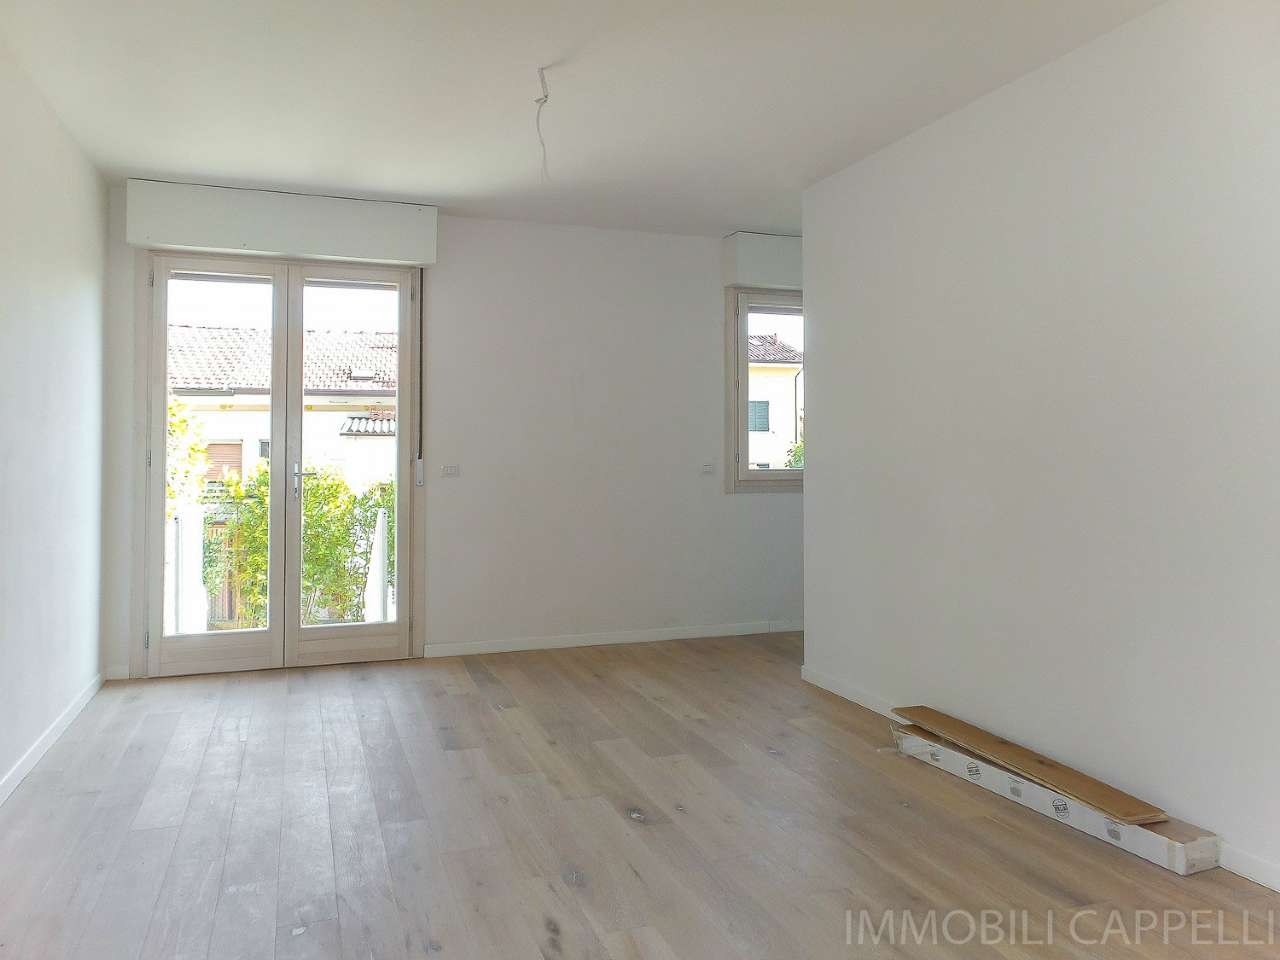 Appartamento in vendita a Cesena, 3 locali, prezzo € 139.000   CambioCasa.it